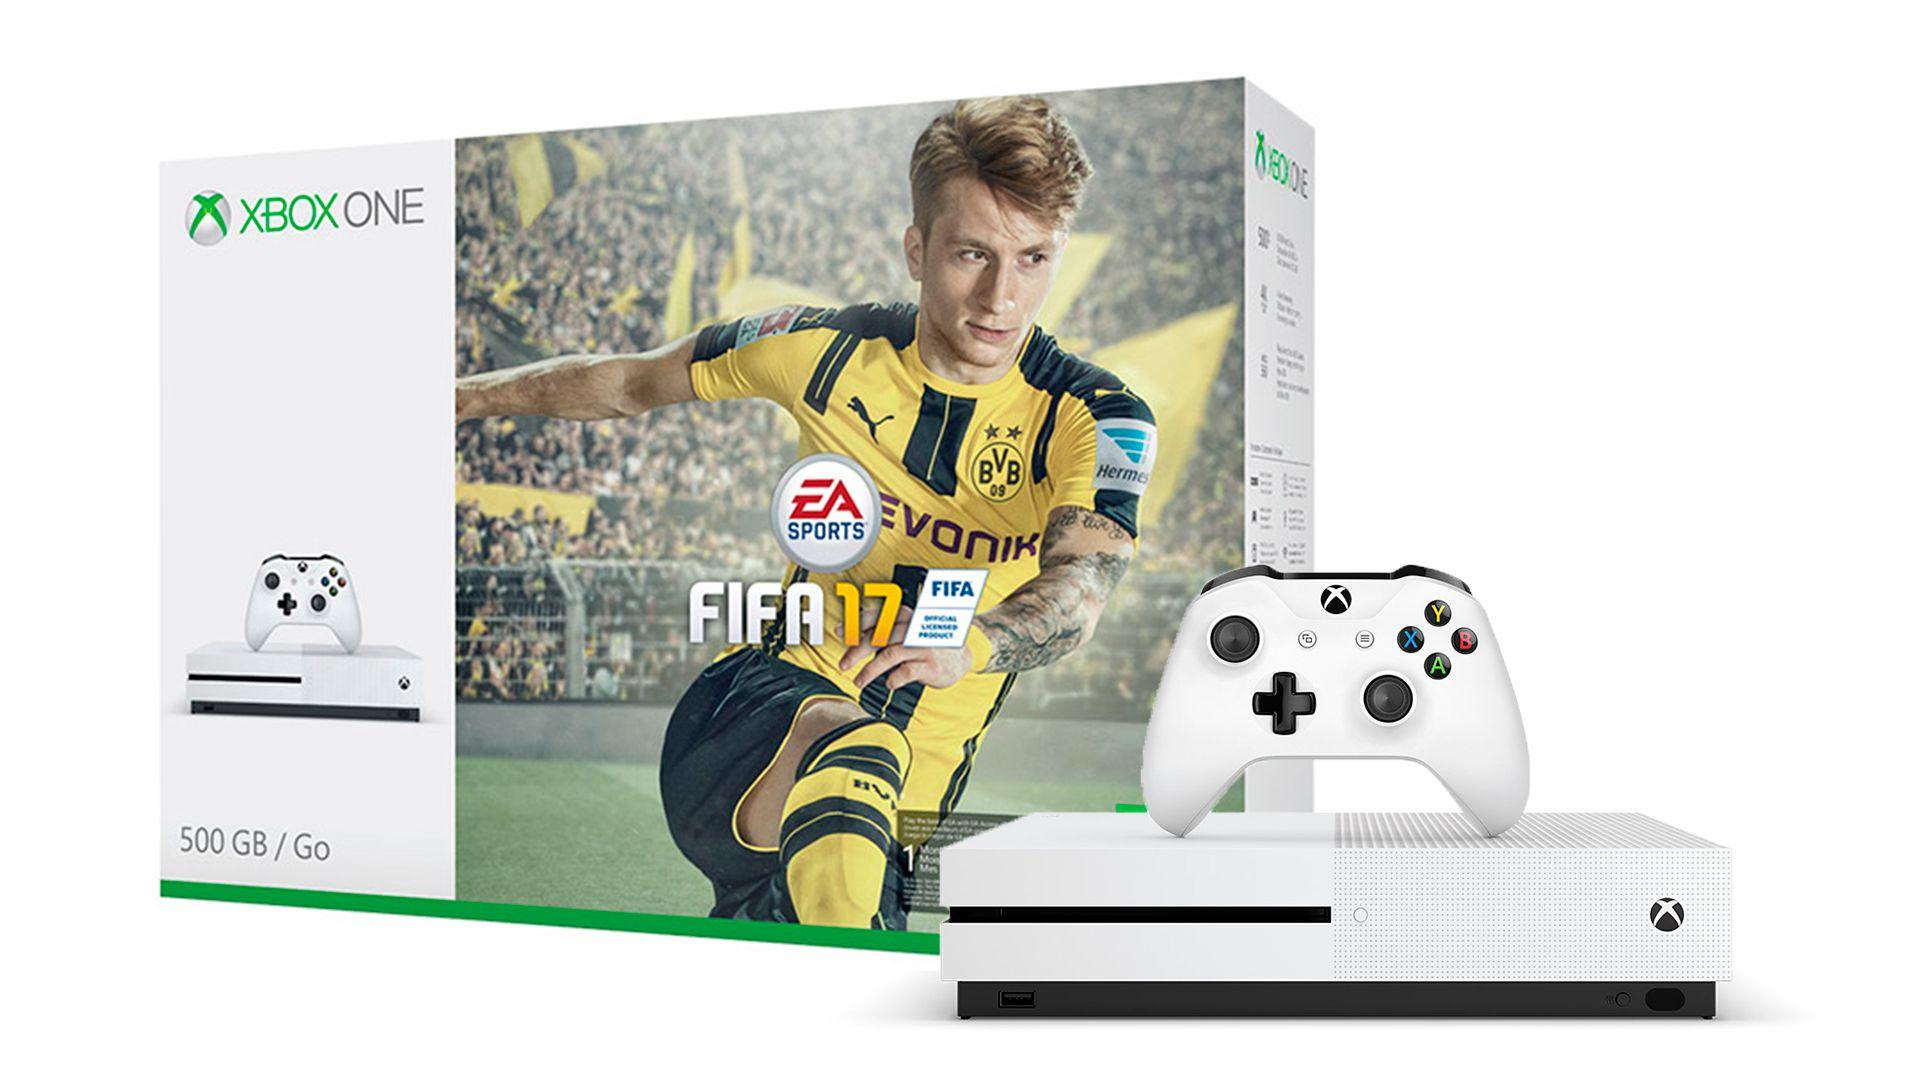 Xbox One S 500Gb игровая приставка и игра FIFA 17 [SXO5F]